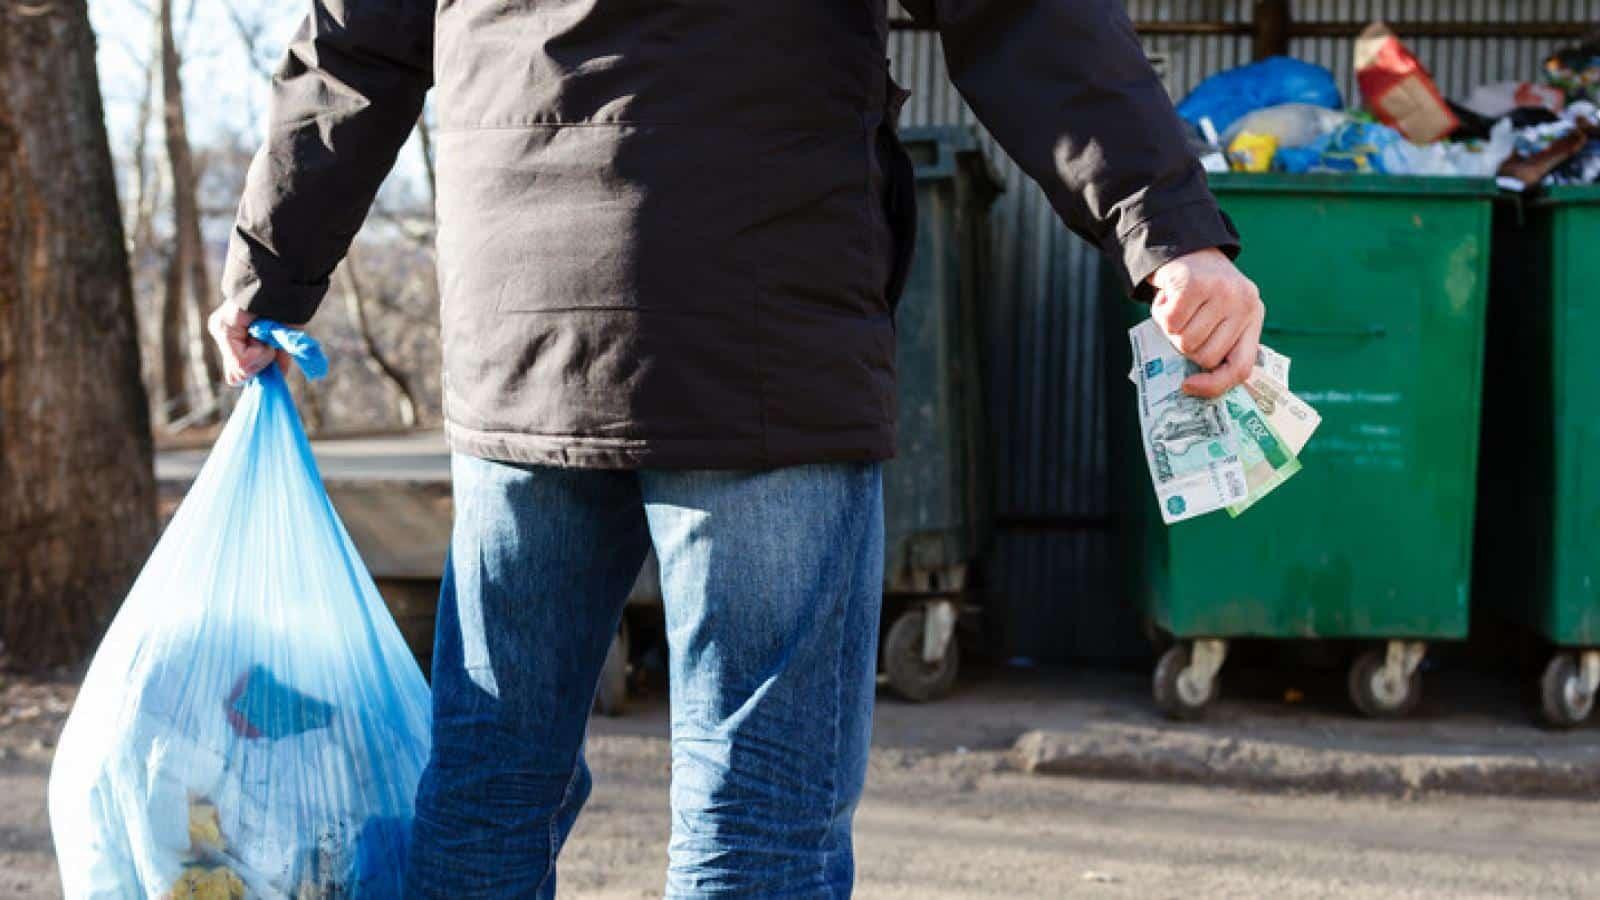 Льготы на вывоз мусора для пенсионеров старше 80 лет и инвалидов: какие положены и в каких размерах, как оформить